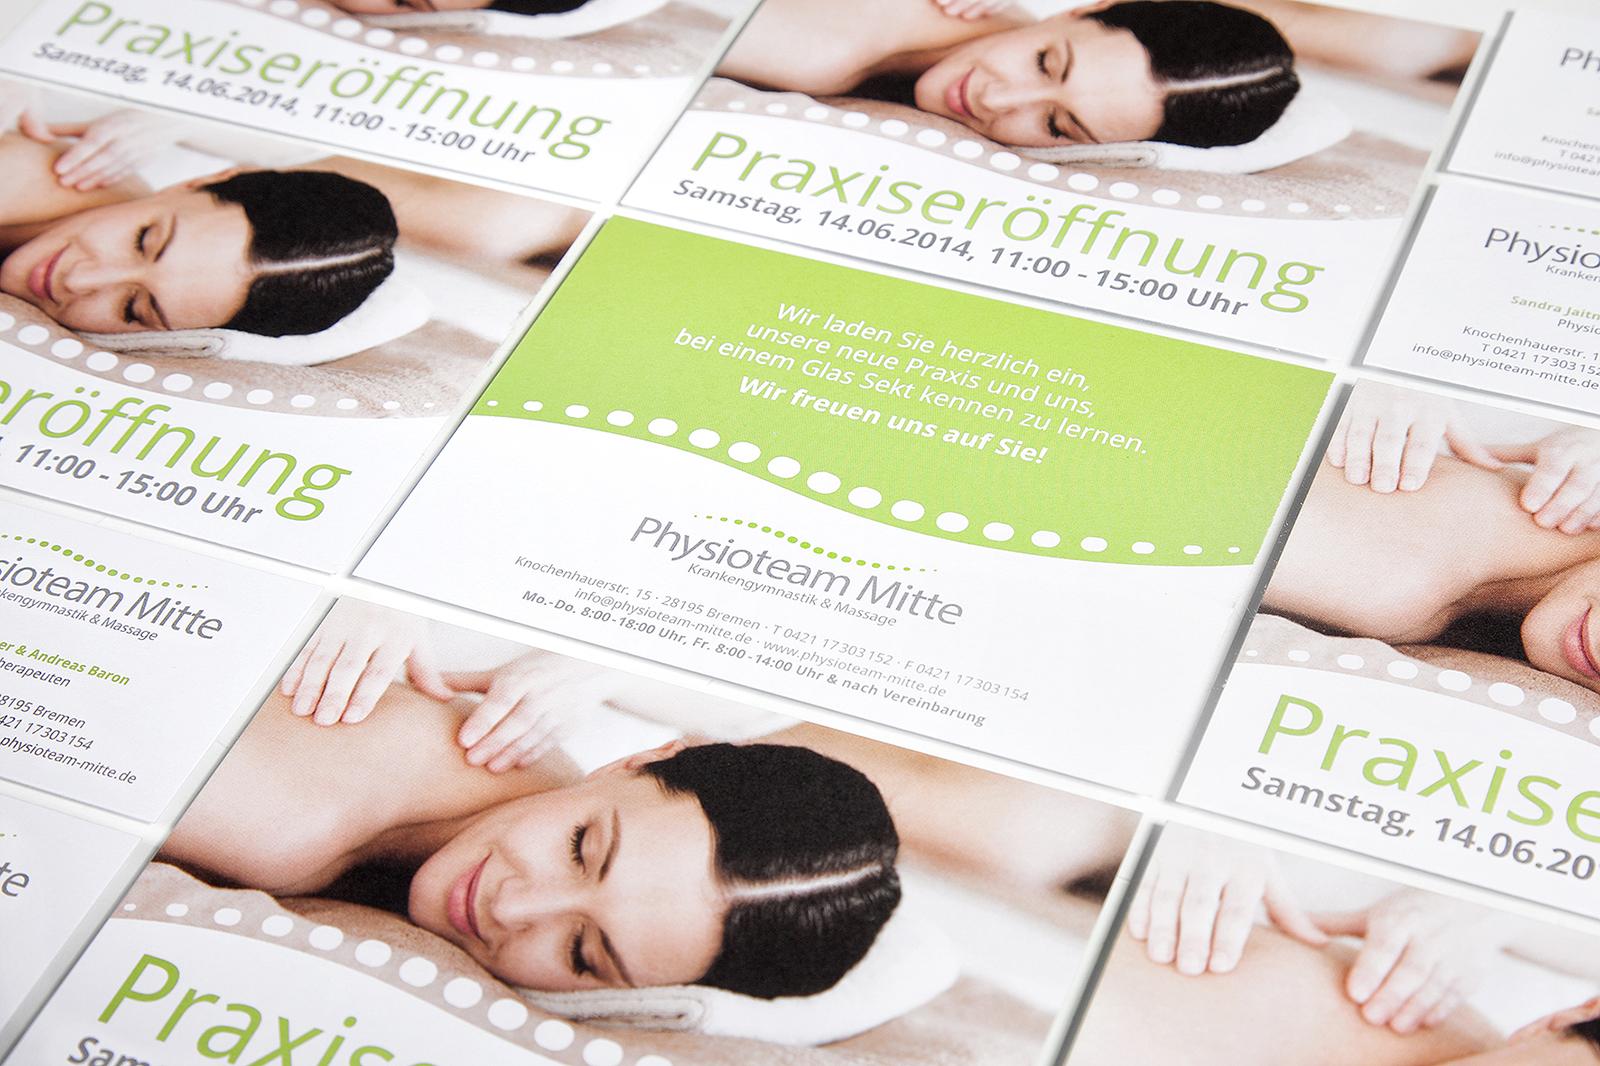 Geschäftsausstattung mit Flyer gestalten lassen bei Ihrer Werbeagentur in Verden und Bremen